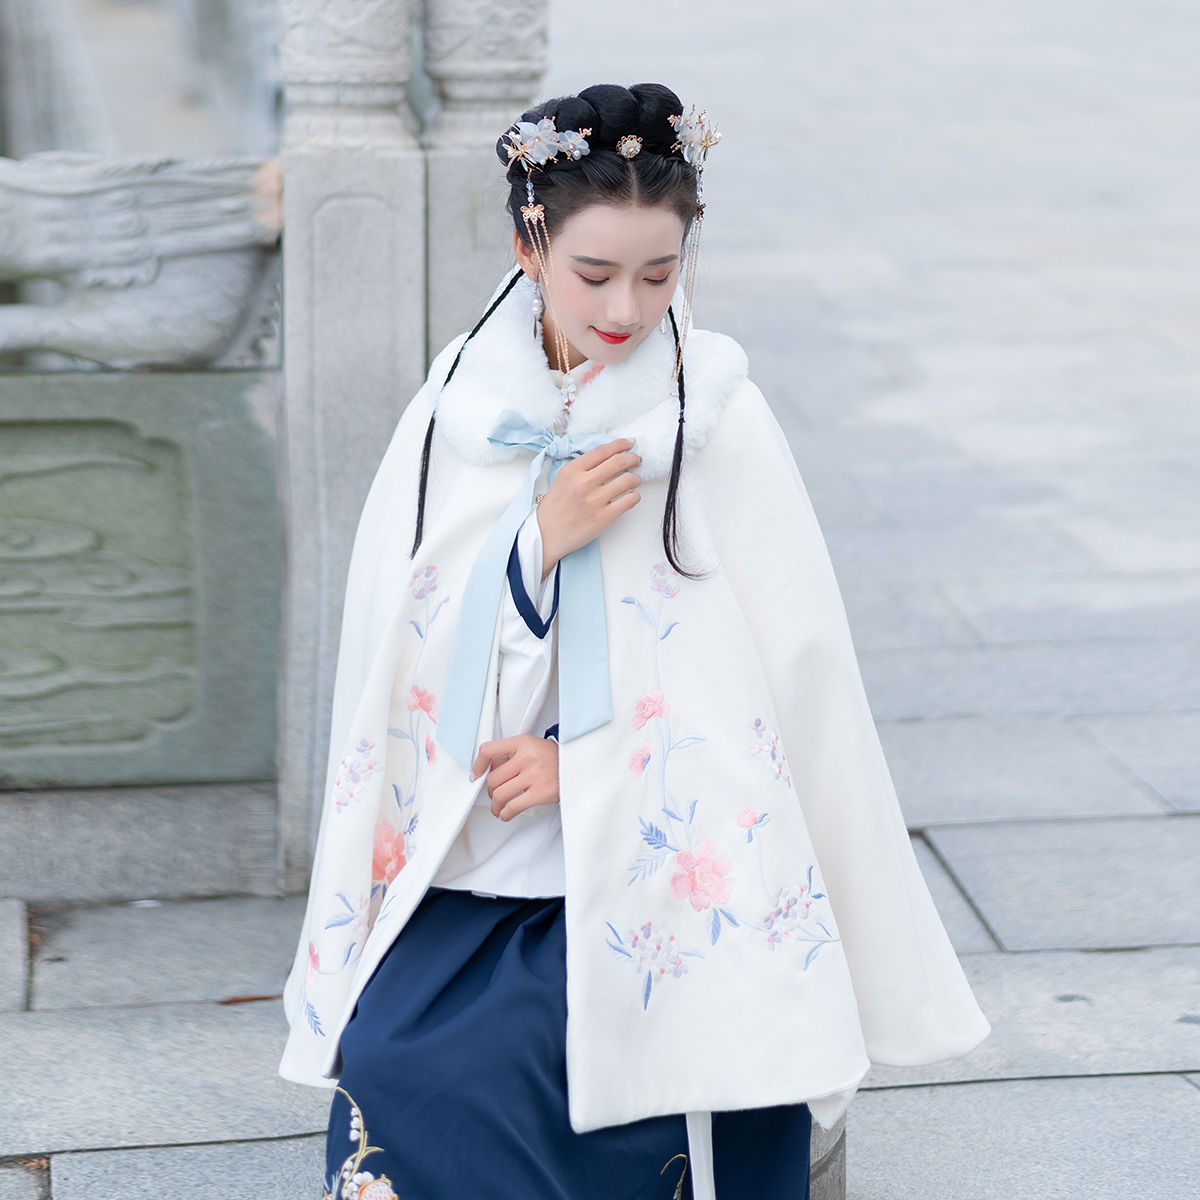 冬季汉服女中国风学生仙女樱花超(用1元券)